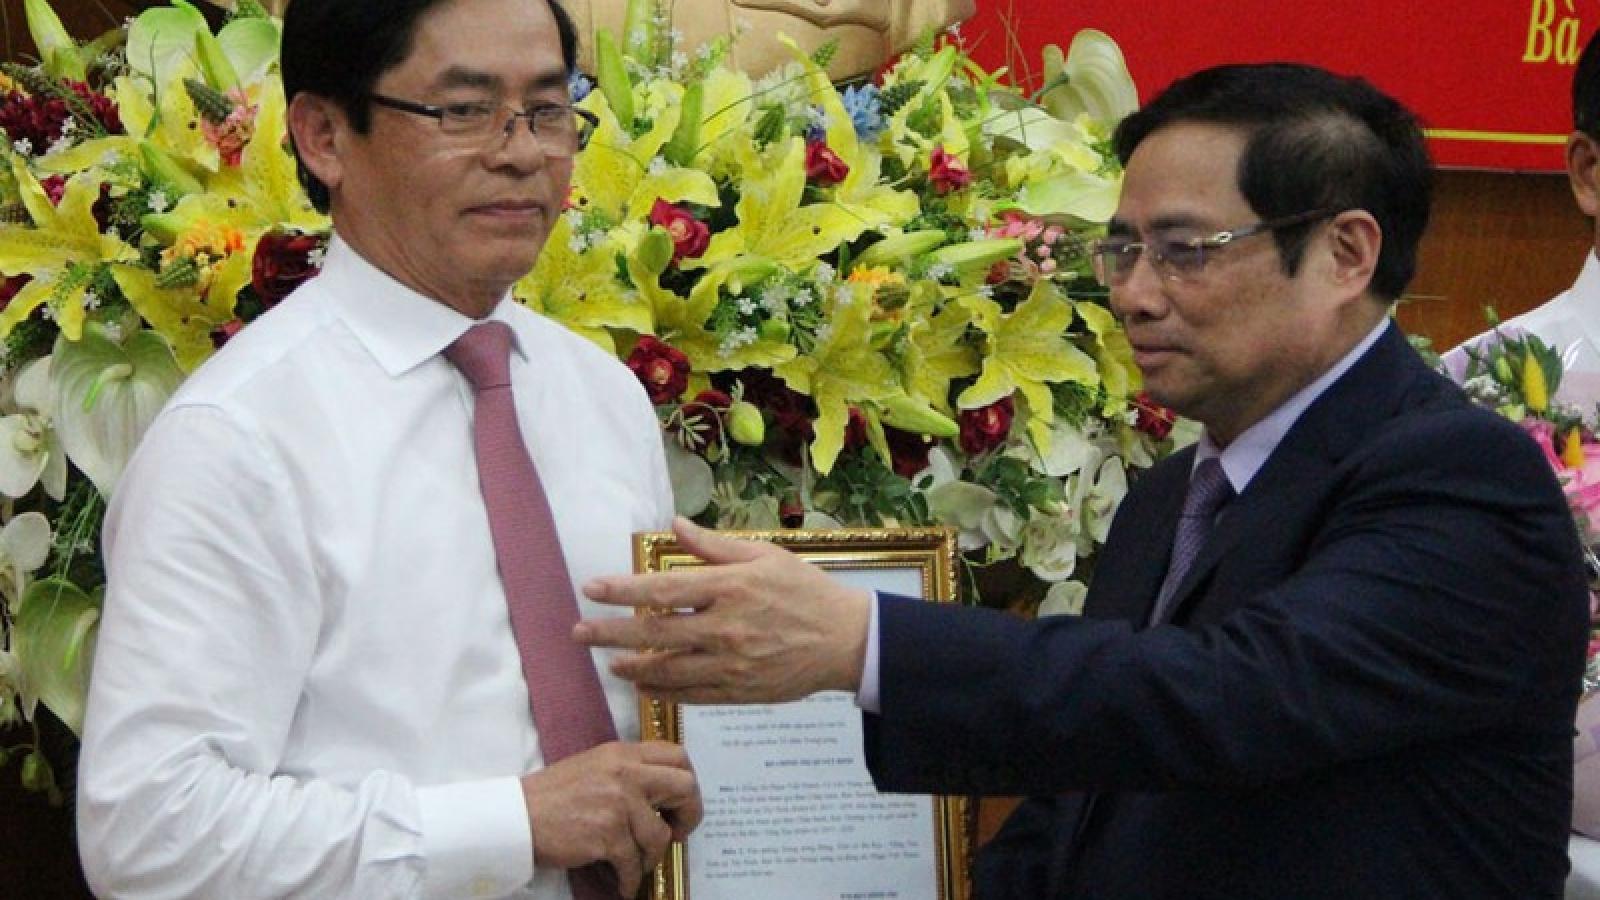 Ông Phạm Viết Thanh giữ chức Bí thư Tỉnh ủy Bà Rịa- Vũng Tàu